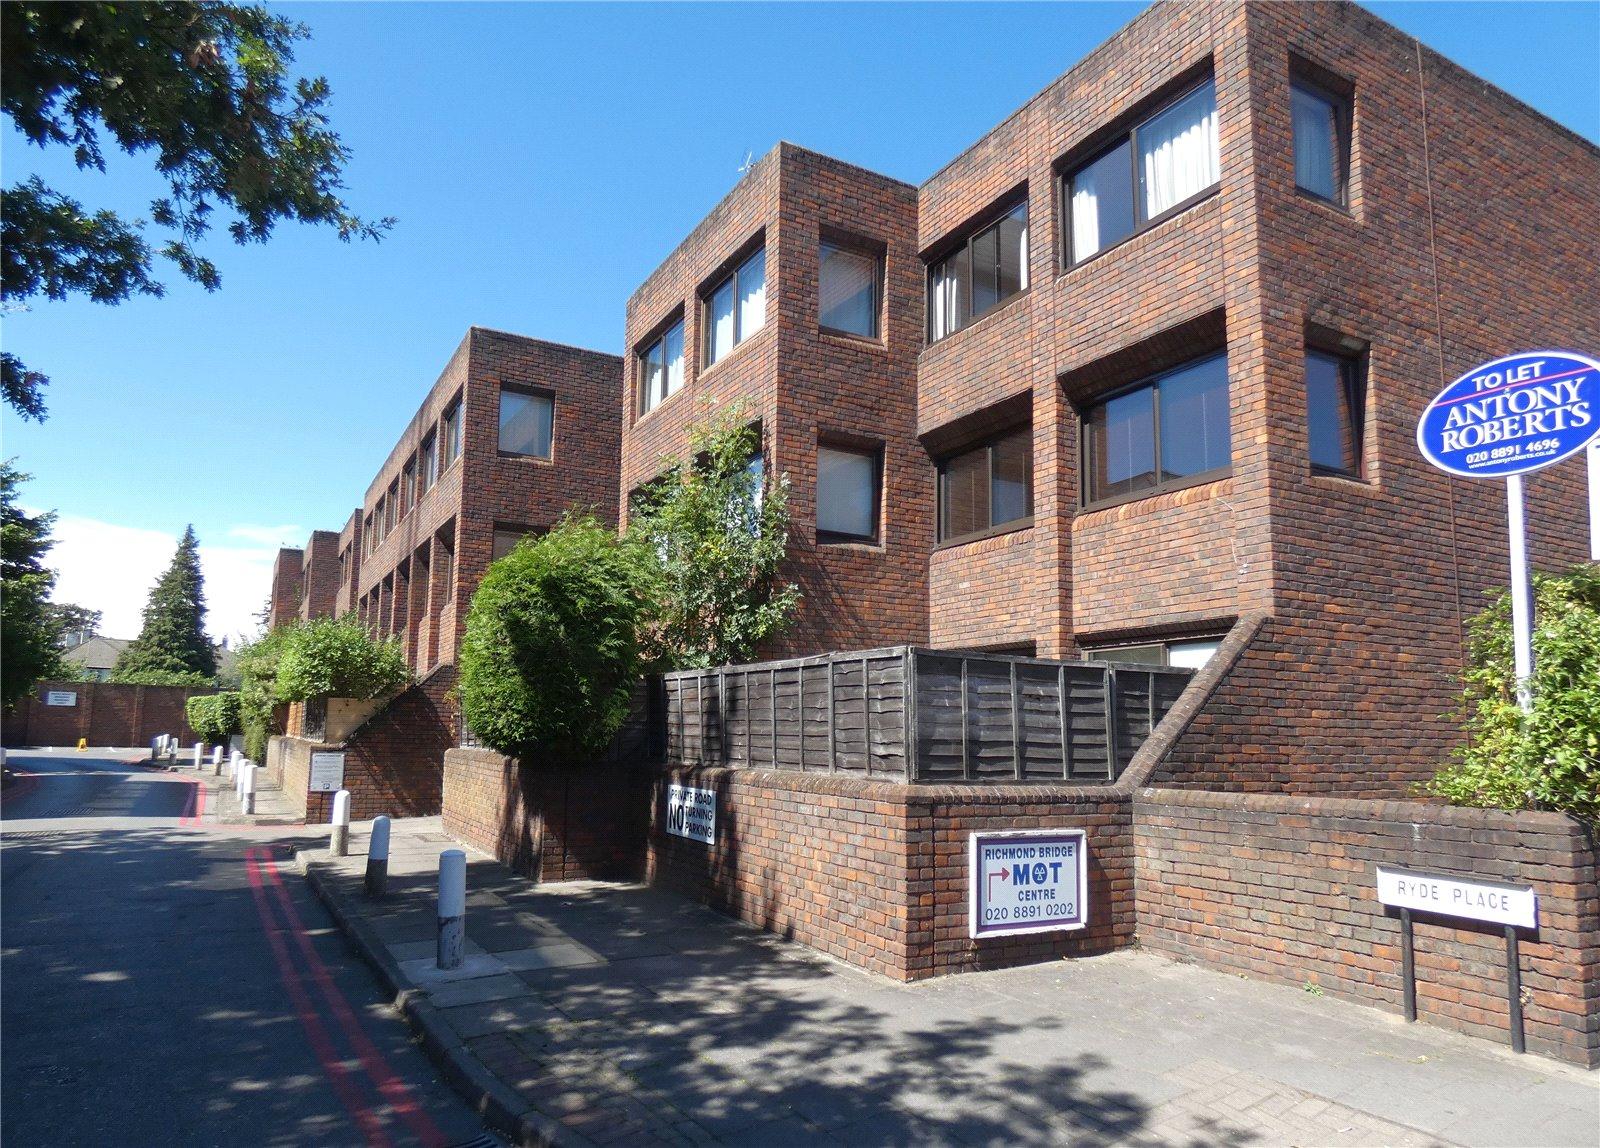 Ryde Place, Twickenham, TW1 2EH - Antony Roberts